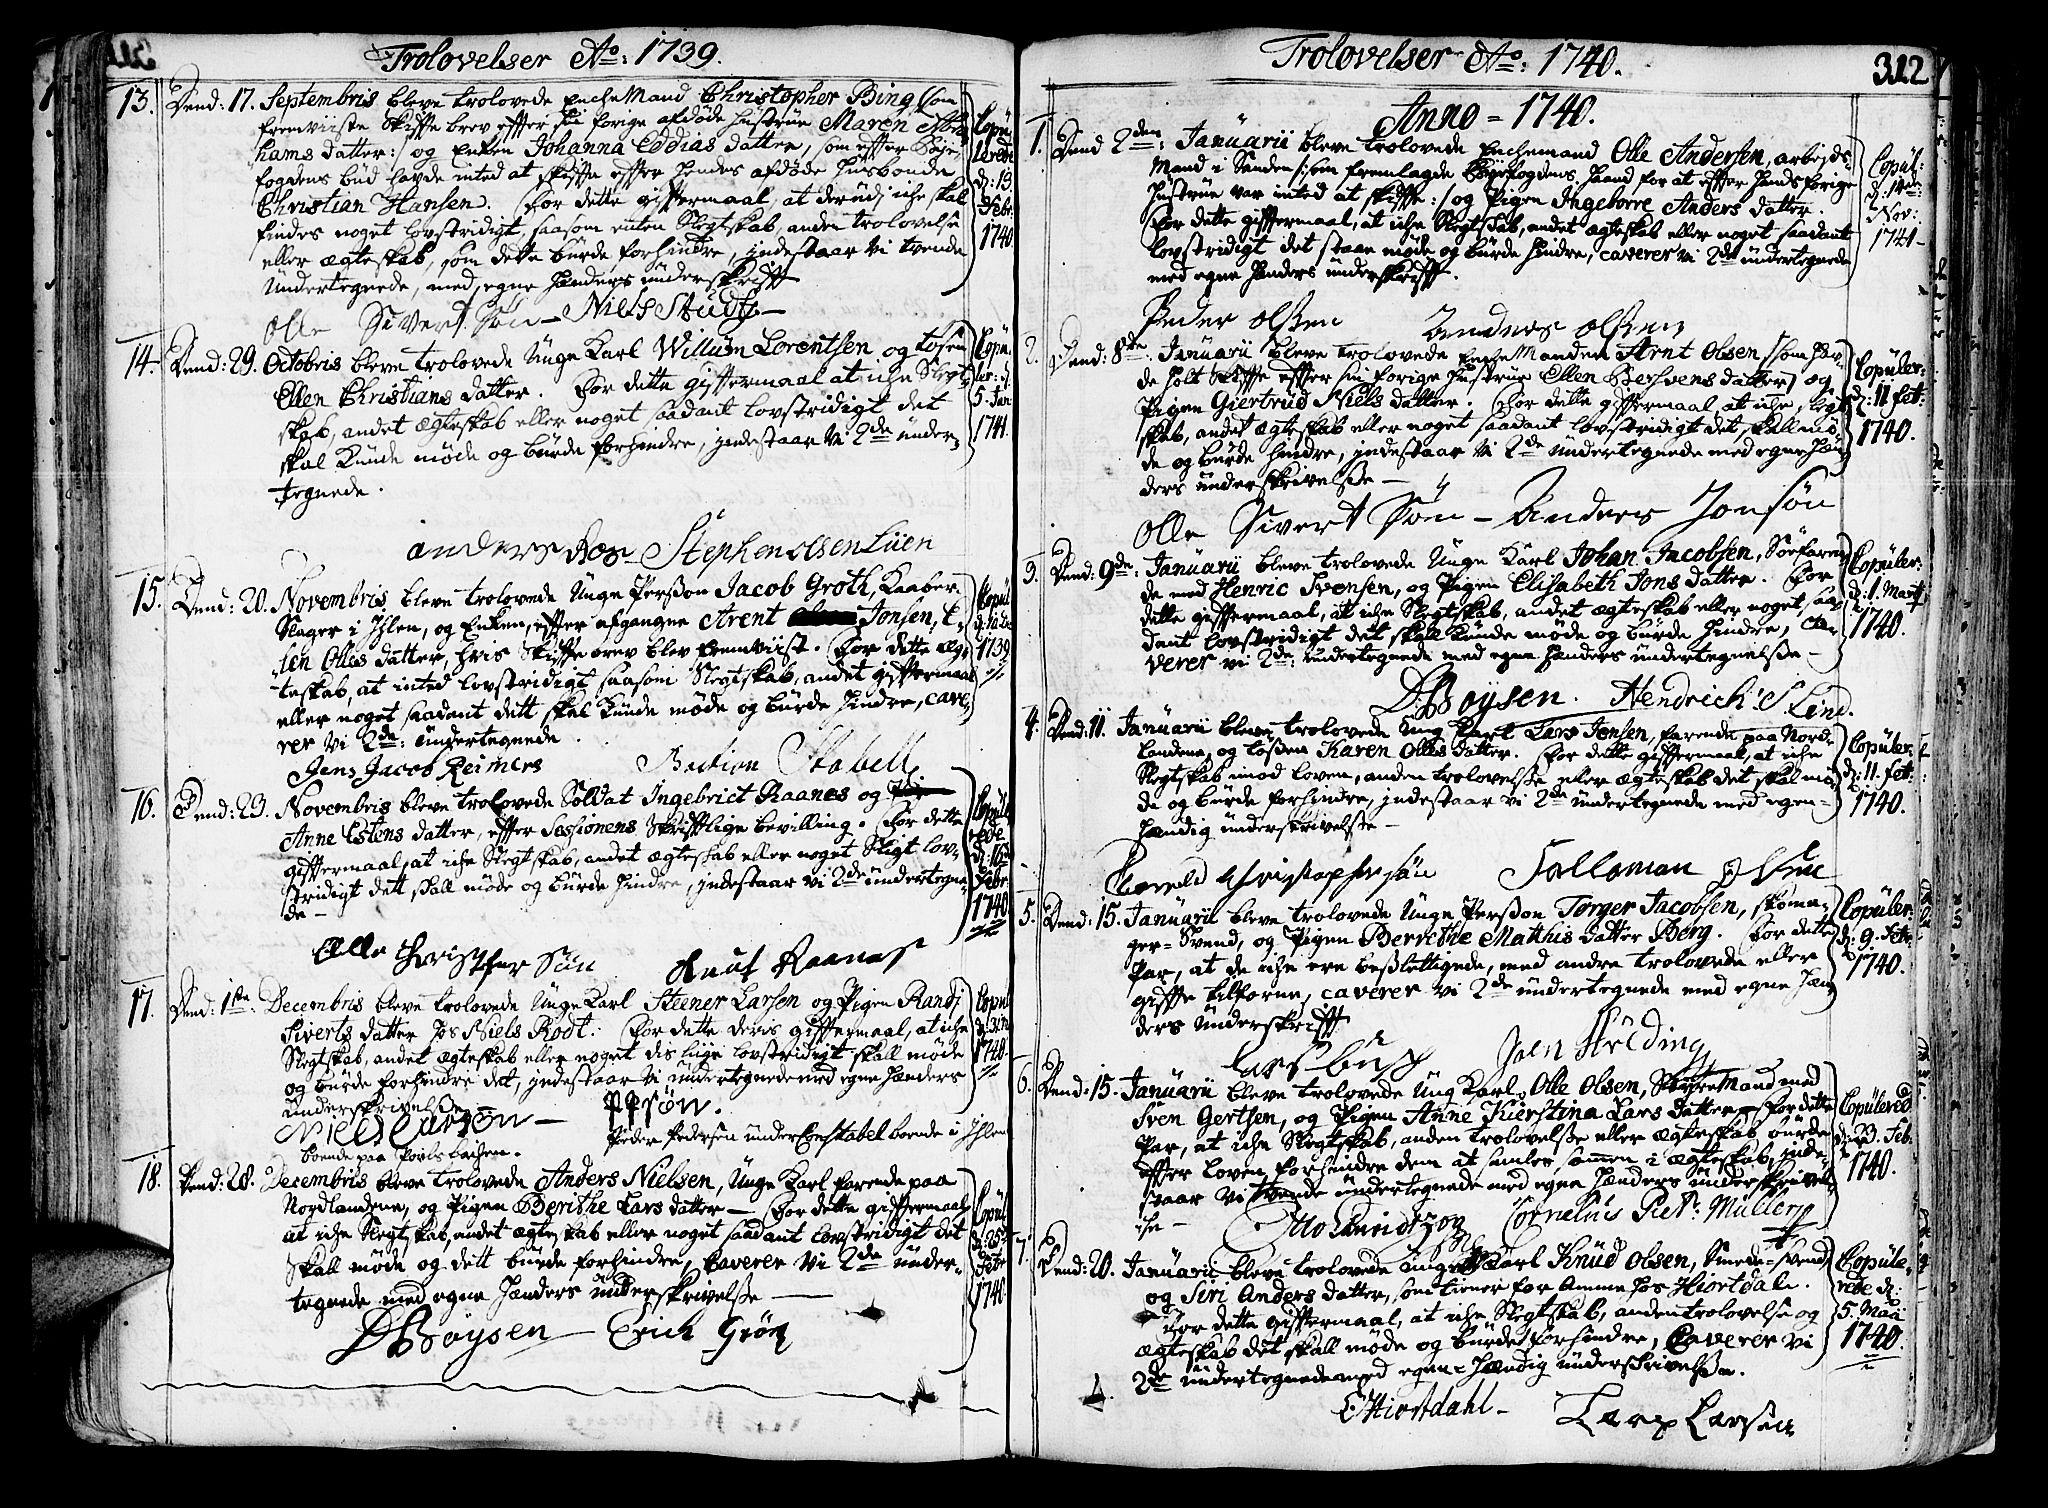 SAT, Ministerialprotokoller, klokkerbøker og fødselsregistre - Sør-Trøndelag, 602/L0103: Ministerialbok nr. 602A01, 1732-1774, s. 312